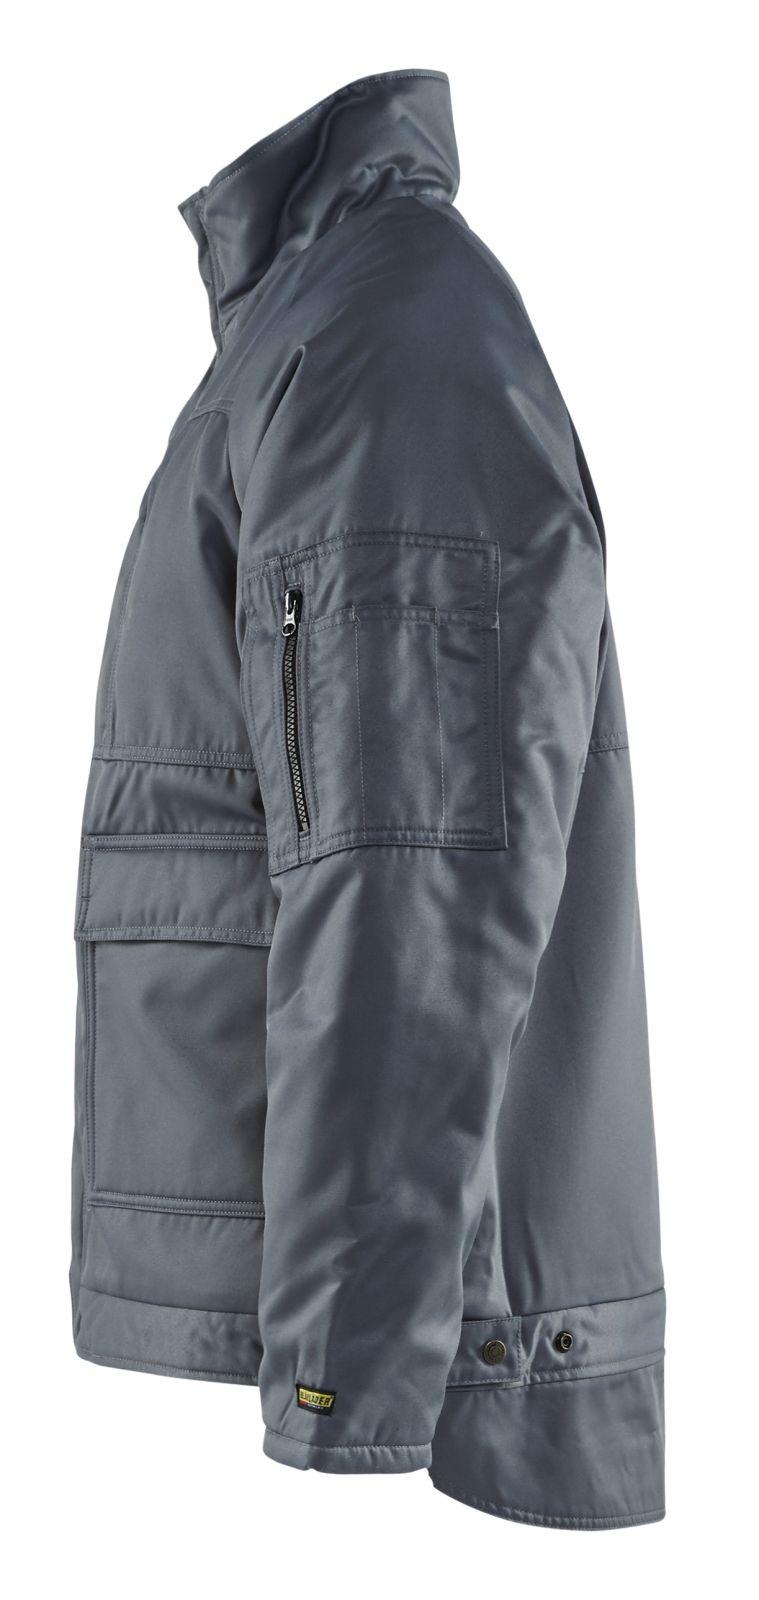 Blaklader Jassen 48001900 grijs(9400)